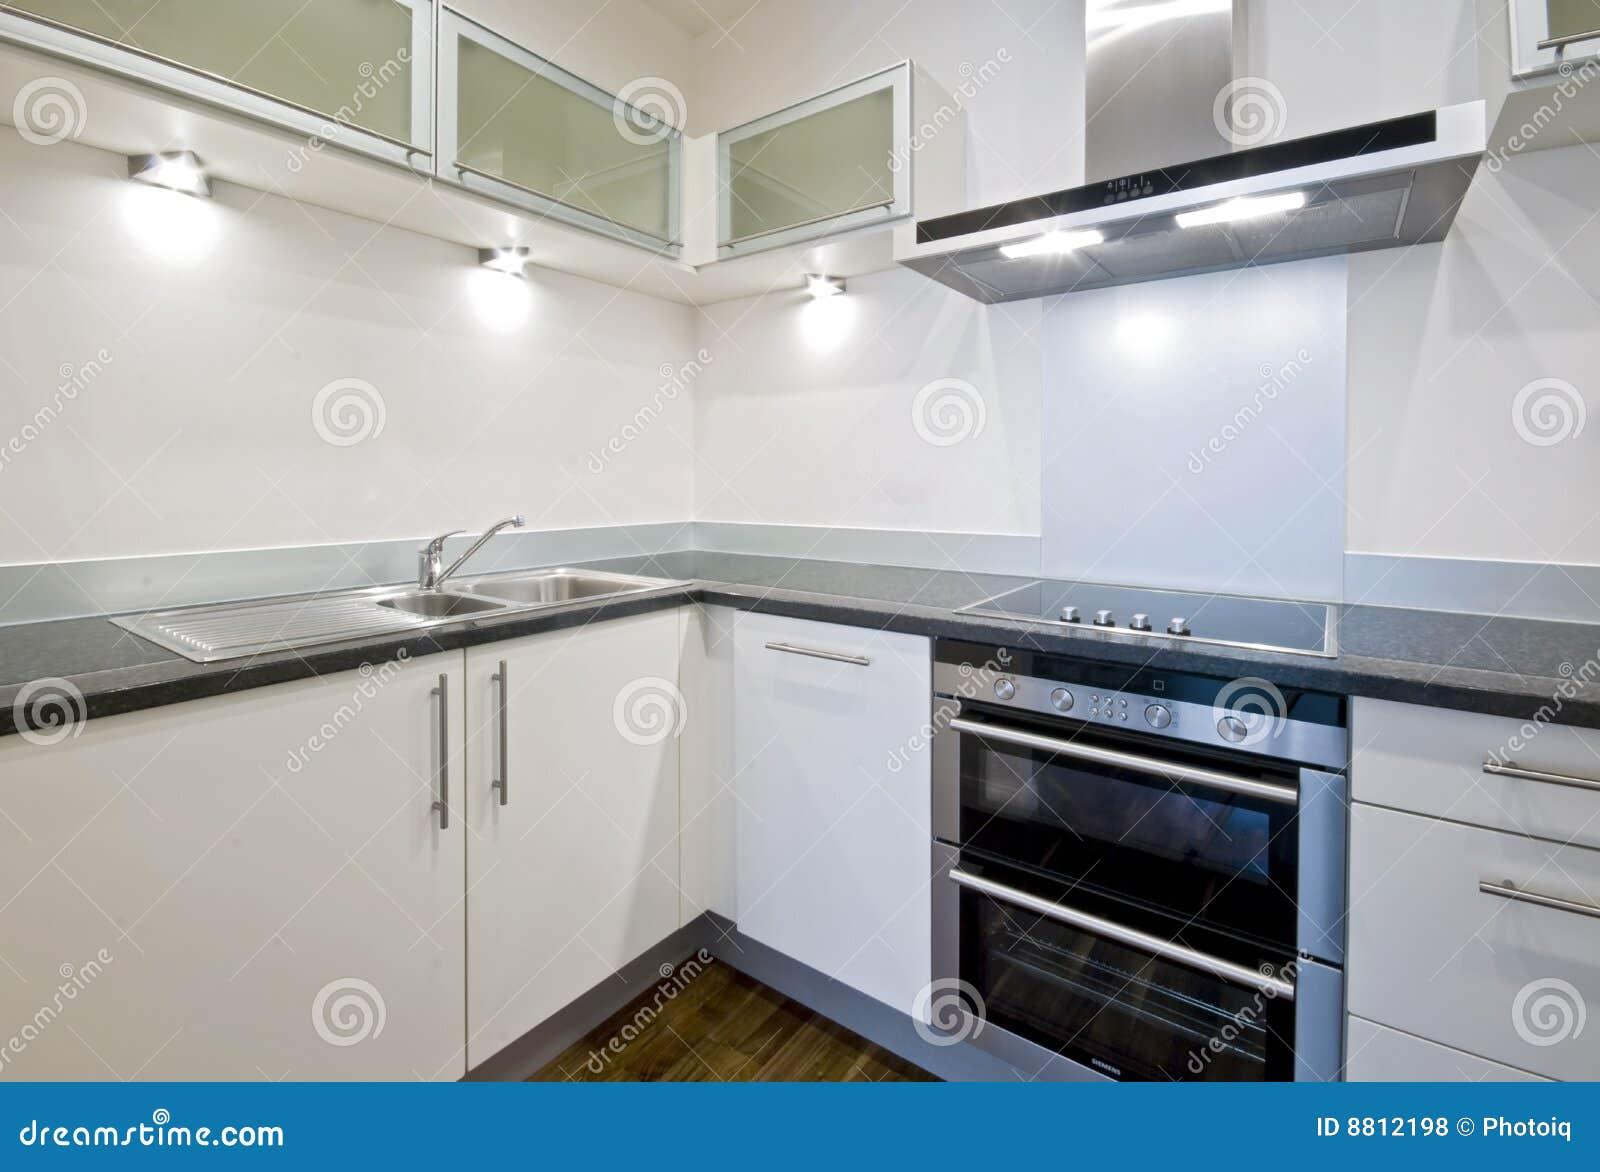 Cucina Bianca Moderna Fotografie Stock Libere da Diritti - Immagine: 8812198